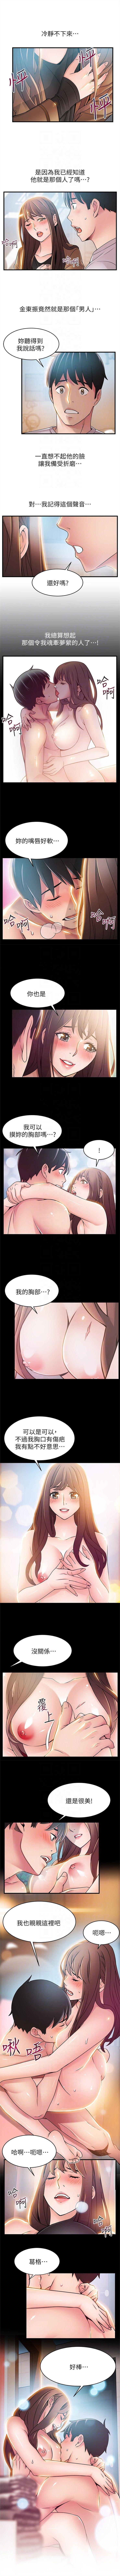 (周7)弱点 1-66 中文翻译(更新中) 233